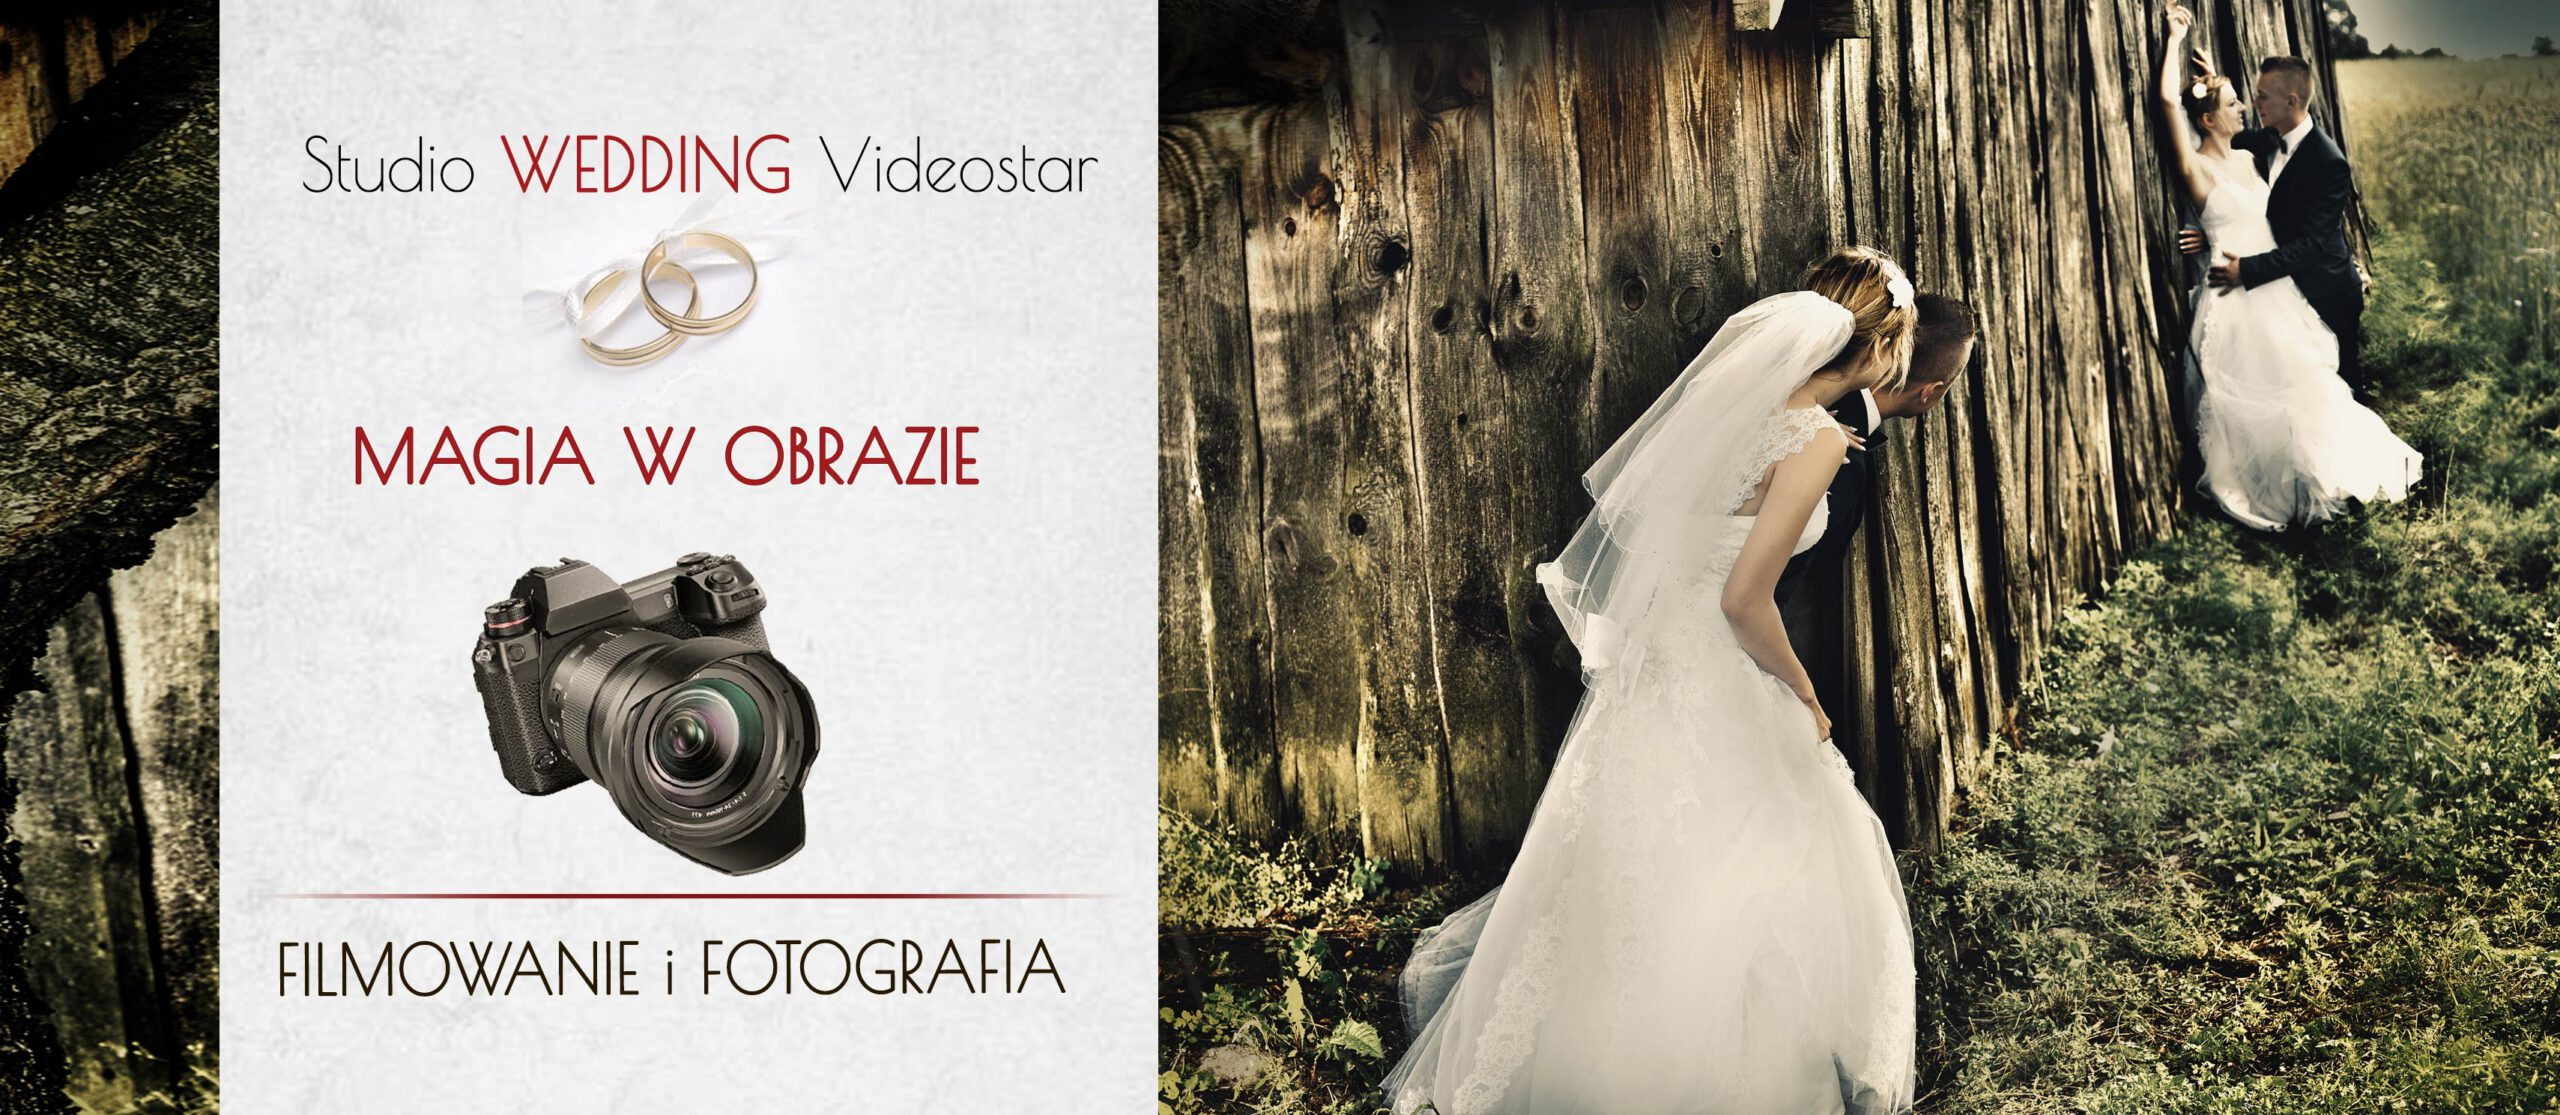 wideofilmowanie-piotrków-trybunalski-weeding-videostar2